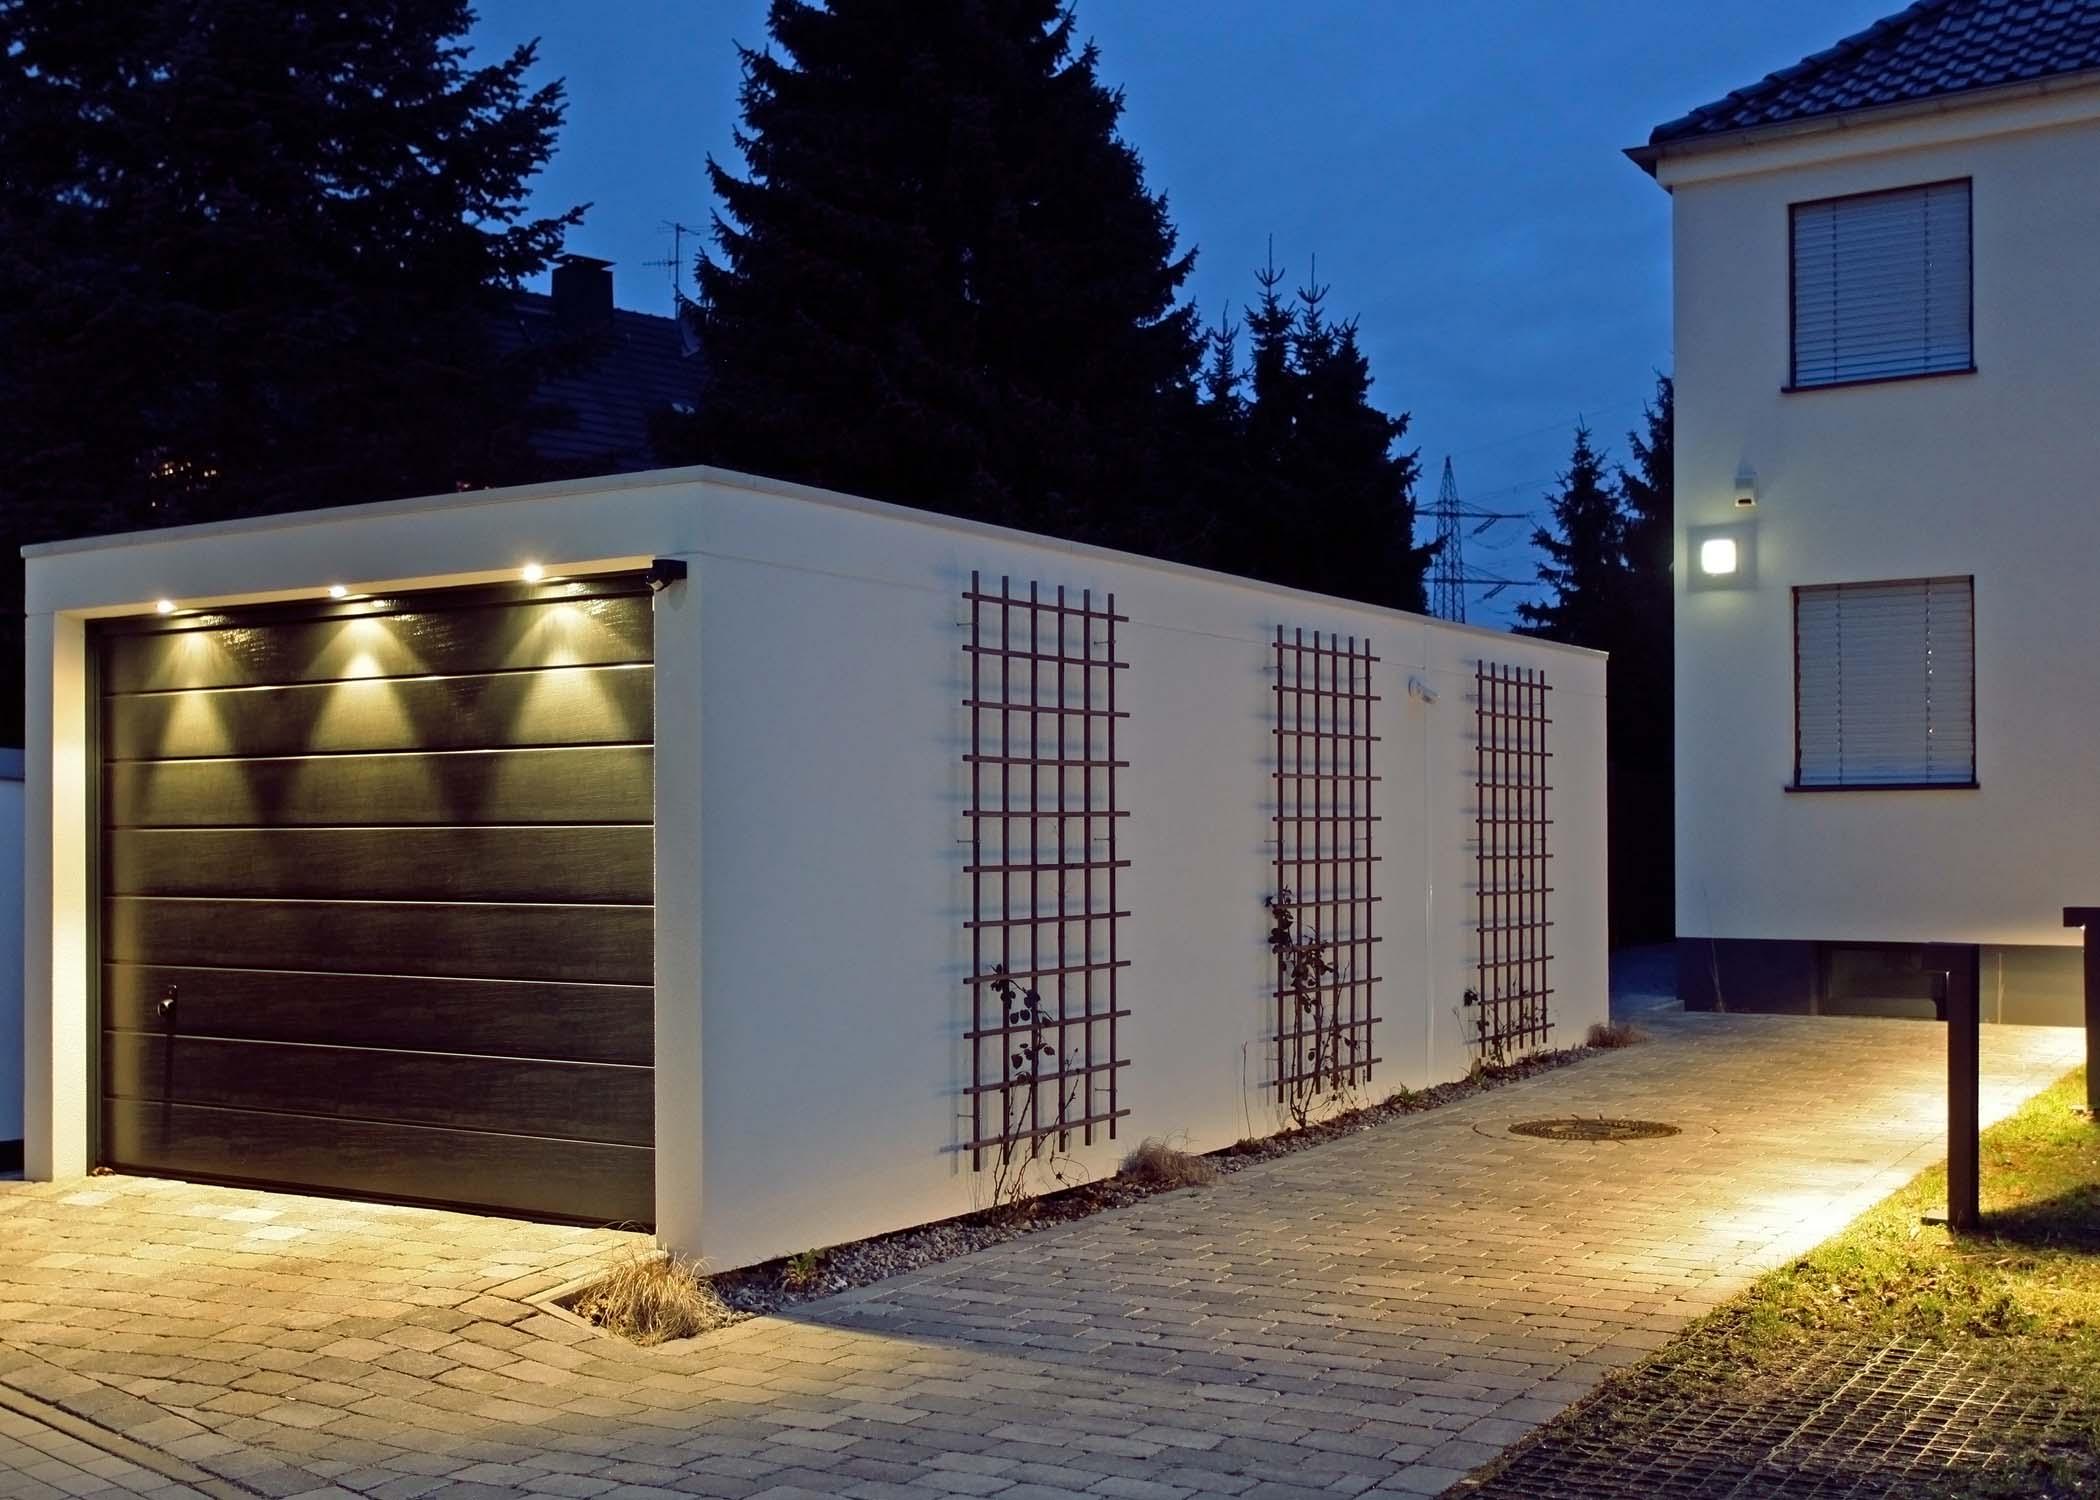 Einzelgarage mit LED-Spots